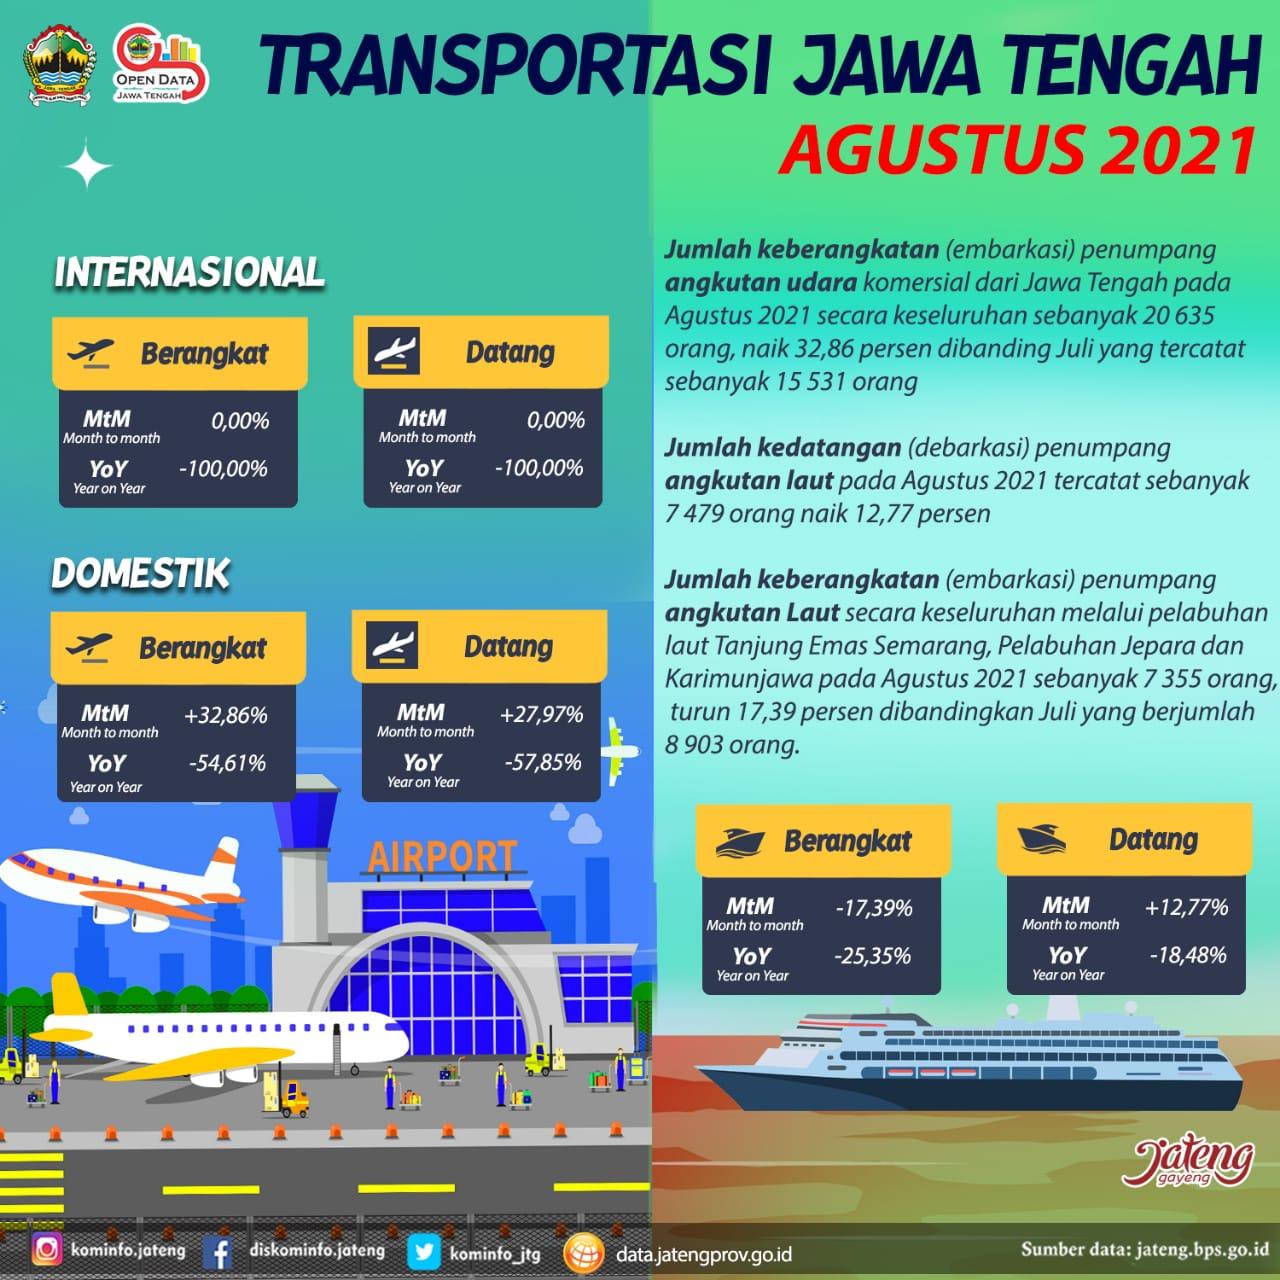 Transportasi Jawa Tengah Agustus 2021